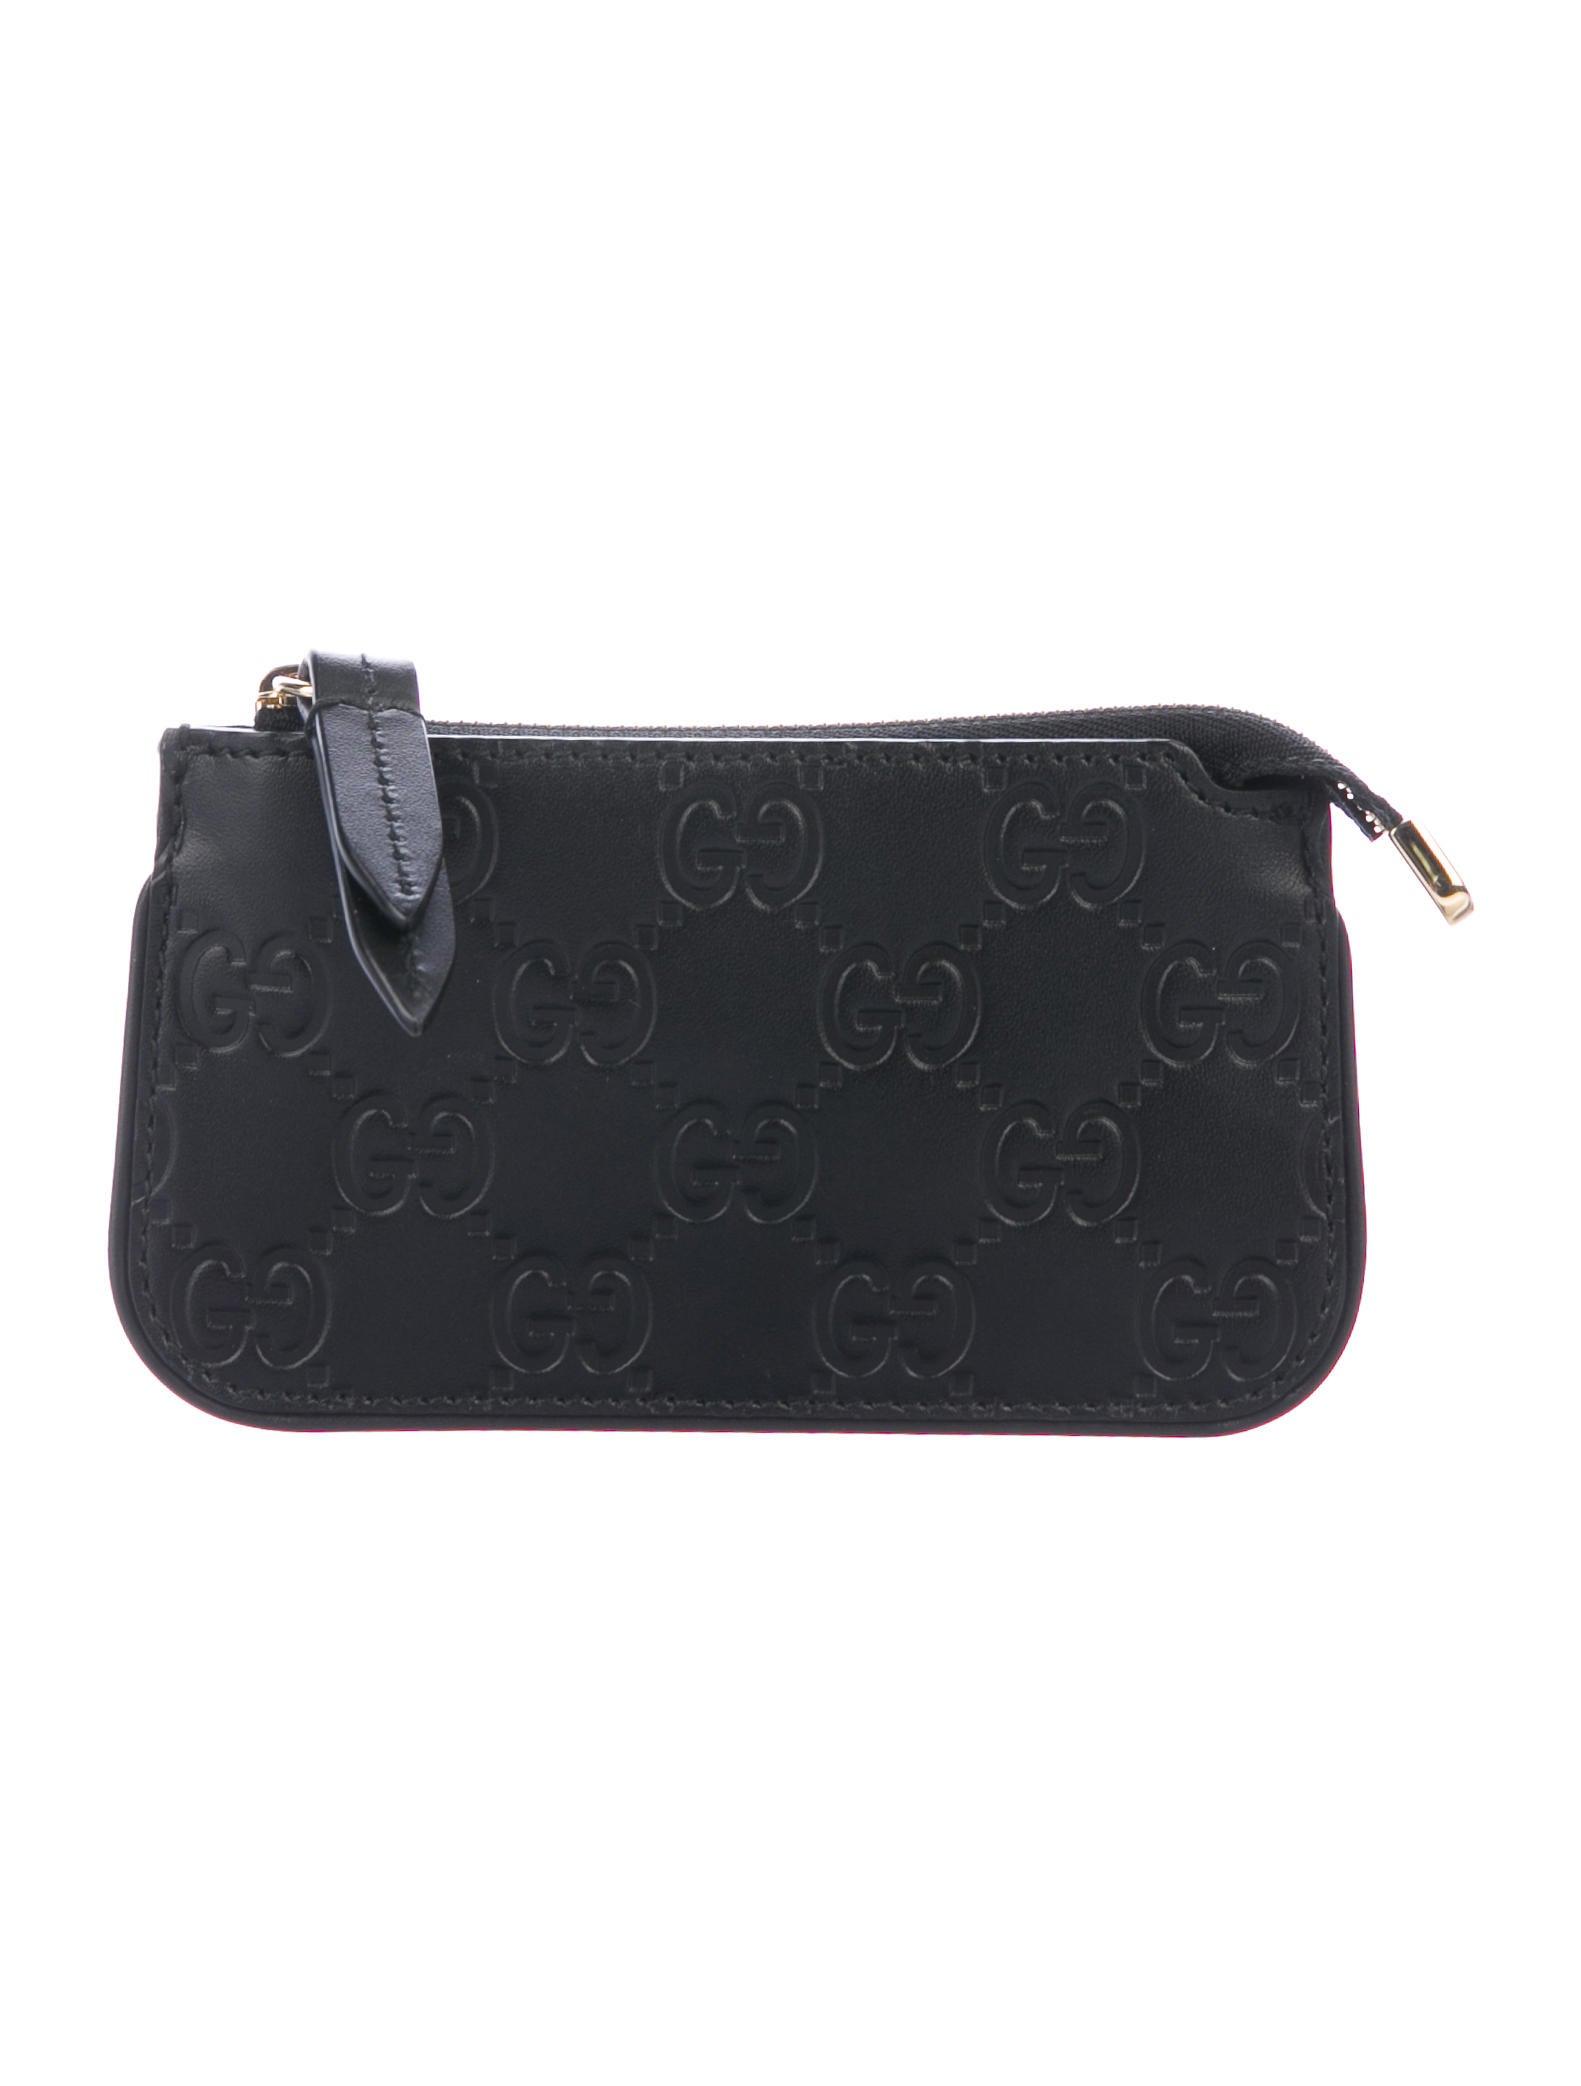 1b9c5f01442 Gucci Guccissima Key Pouch - Accessories - GUC300786